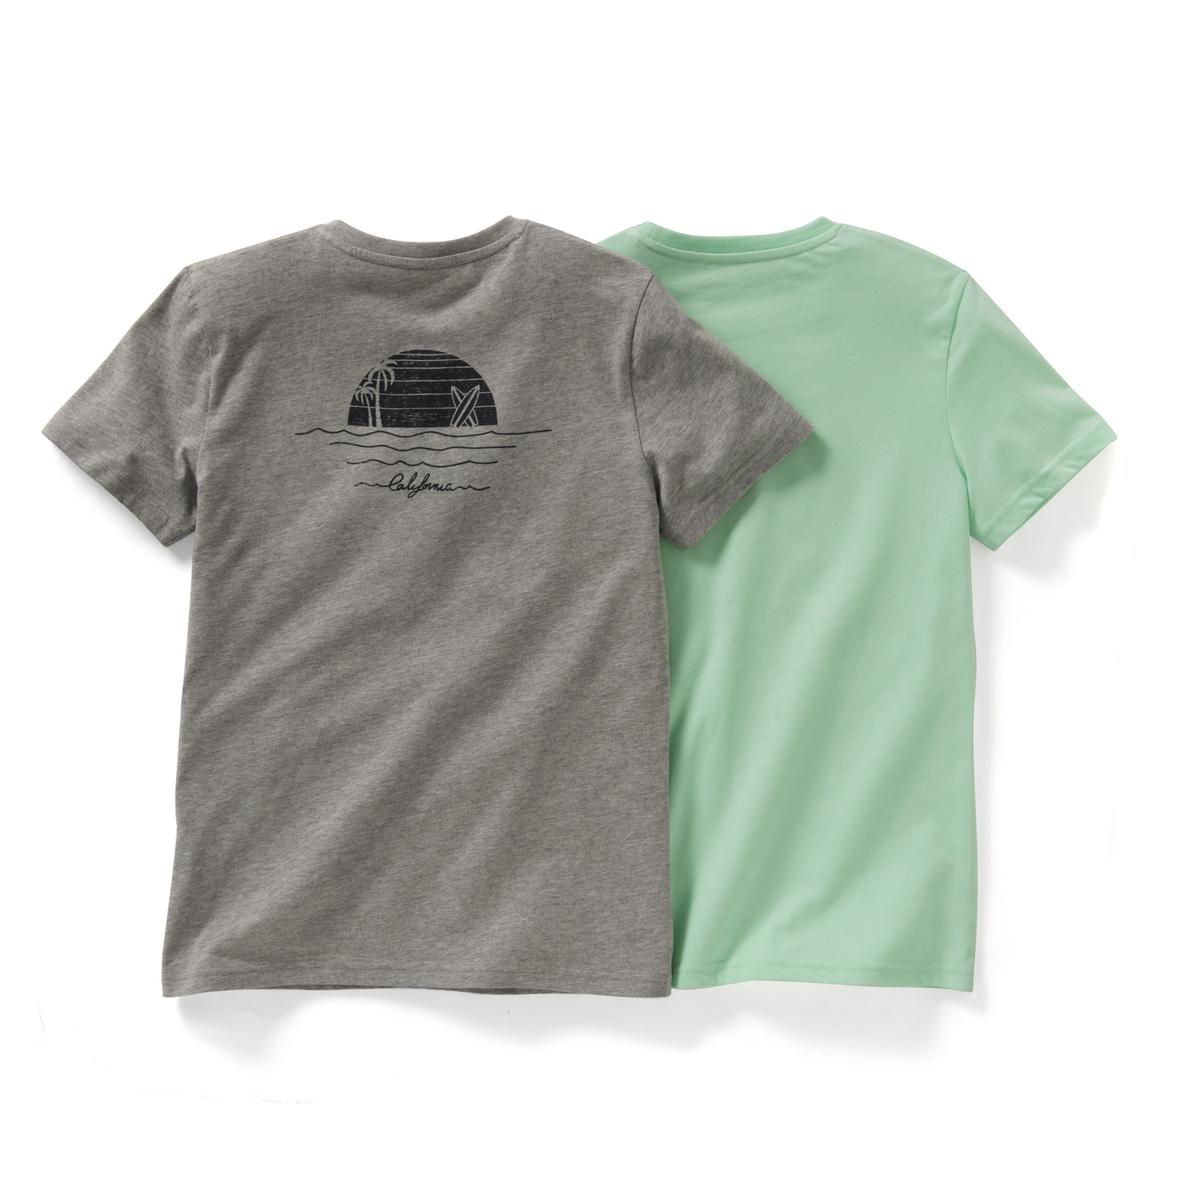 Комплект из 2 футболок с рисунком, для 10-16 летСостав и описание : Материал: для серого цвета - 90% хлопок, 10 вискоза для зеленого цвета - 65% полиэстер, 35% хлопок.Марка          R ?ditionУход :- Машинная стирка при 30°C с вещами схожих цветовСтирка и глажка с изнаночной стороныМашинная сушка в умеренном режимеГладить на низкой температуреСухая чистка запрещена<br><br>Цвет: Серый меланж + зеленый